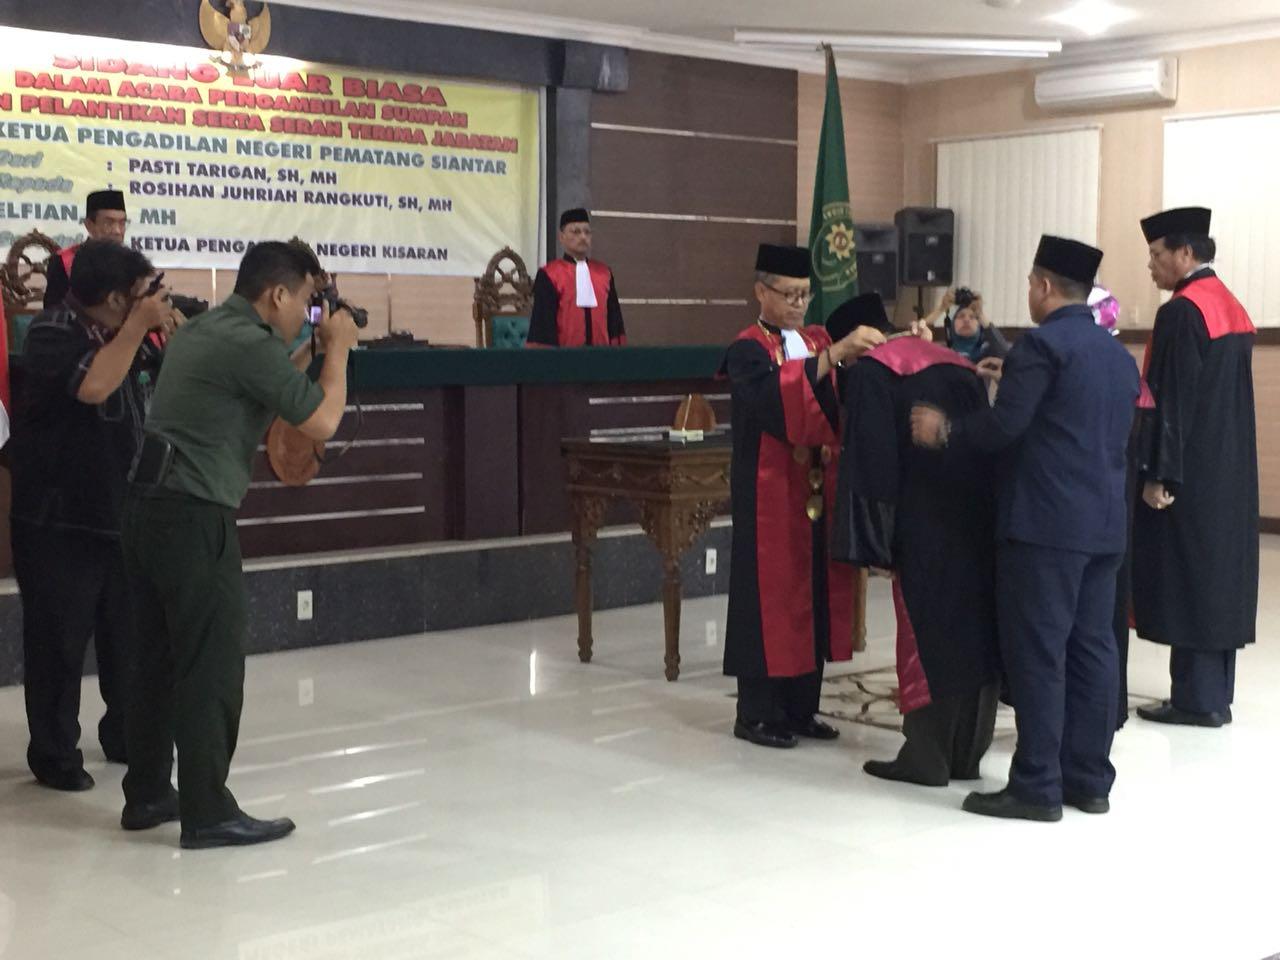 Pengambilan Sumpah, Pelantikan, dan Serah Terima Jabatan Ketua Pengadilan Negeri Kisaran Bapak Elfian,SH.MH